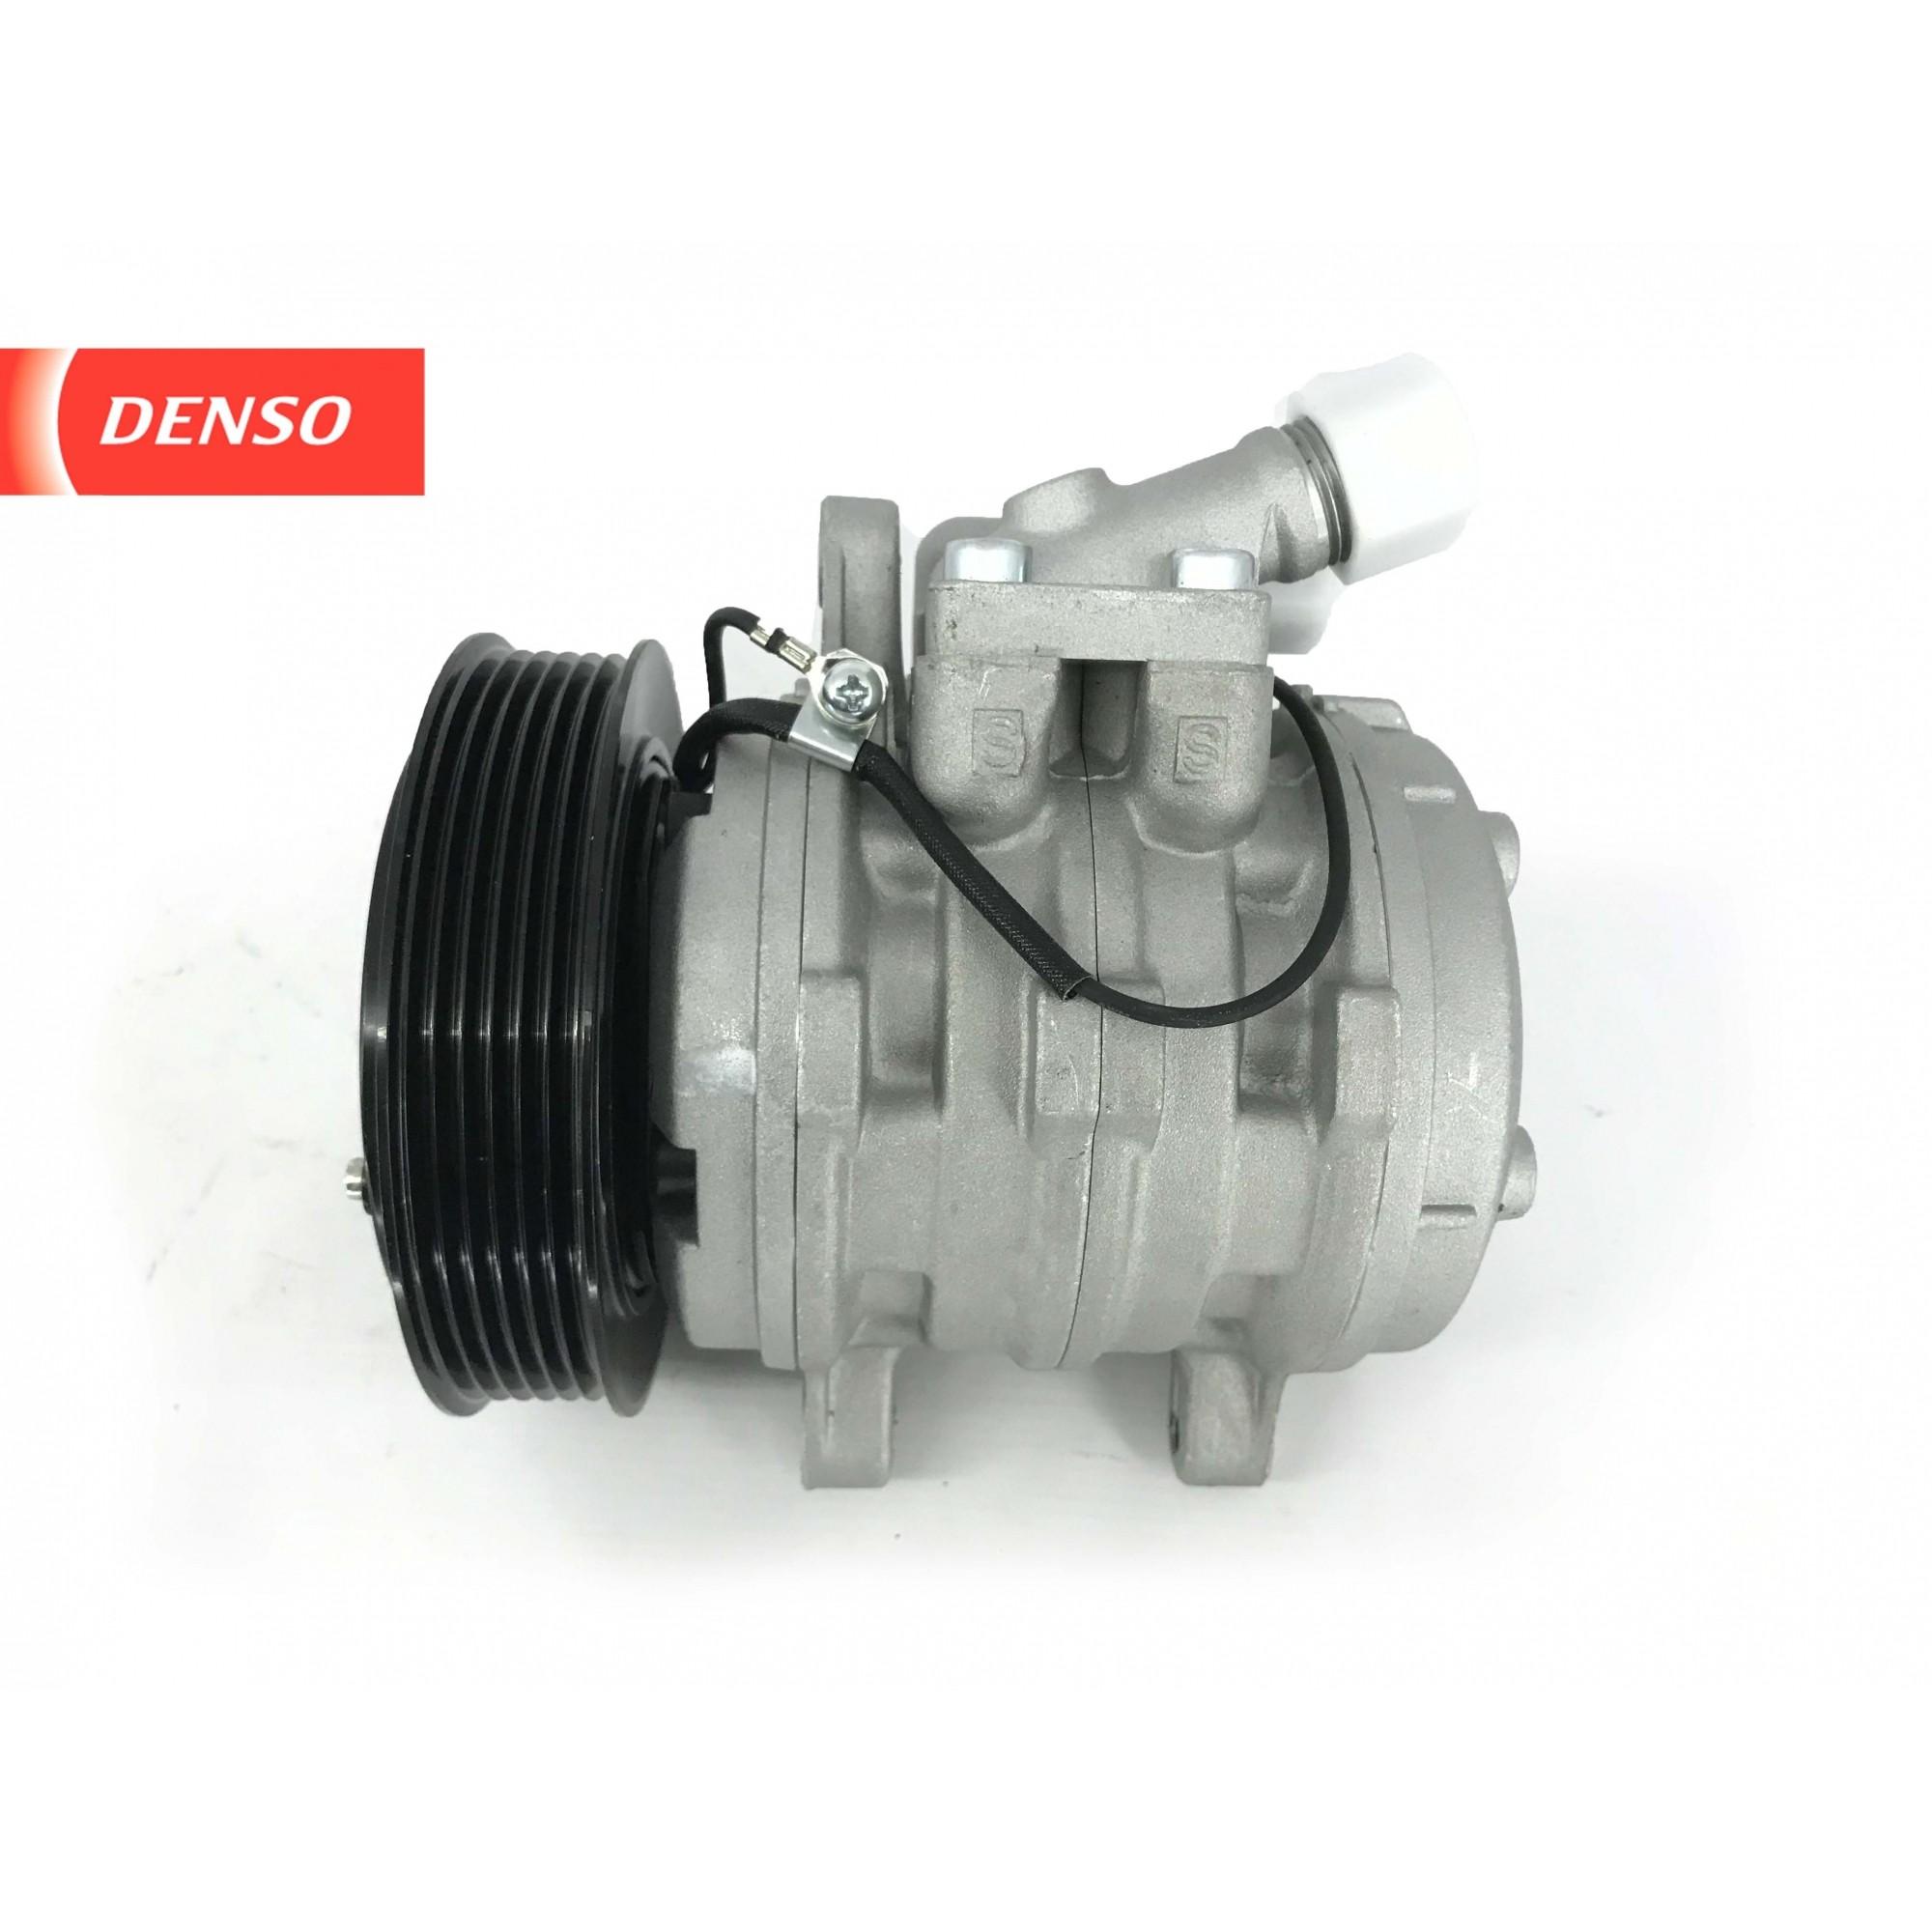 Compressor Gol G2 / G3 / G4 1.0 10p08 Original DENSO